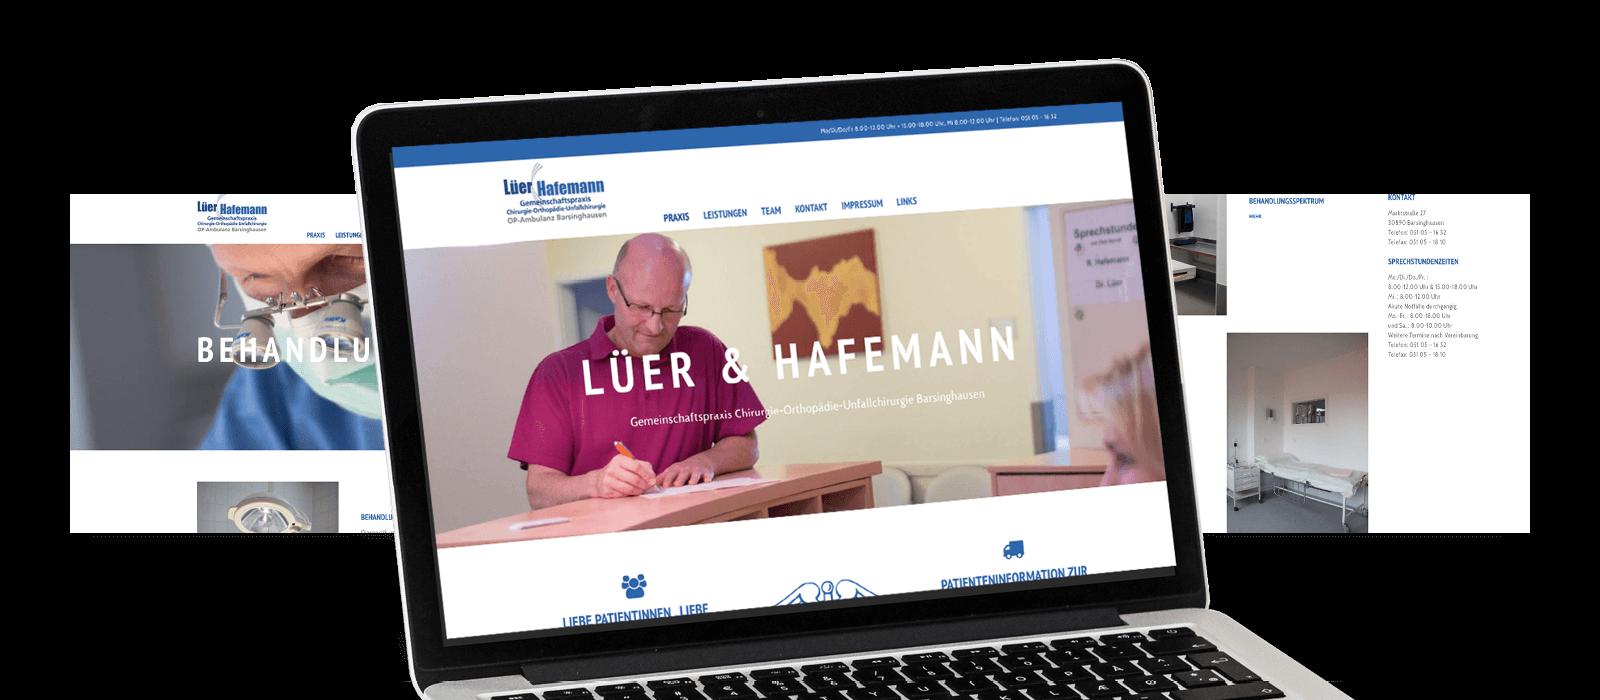 Agentur Goldkind Referenz Webdesign Lüer & Hafemann